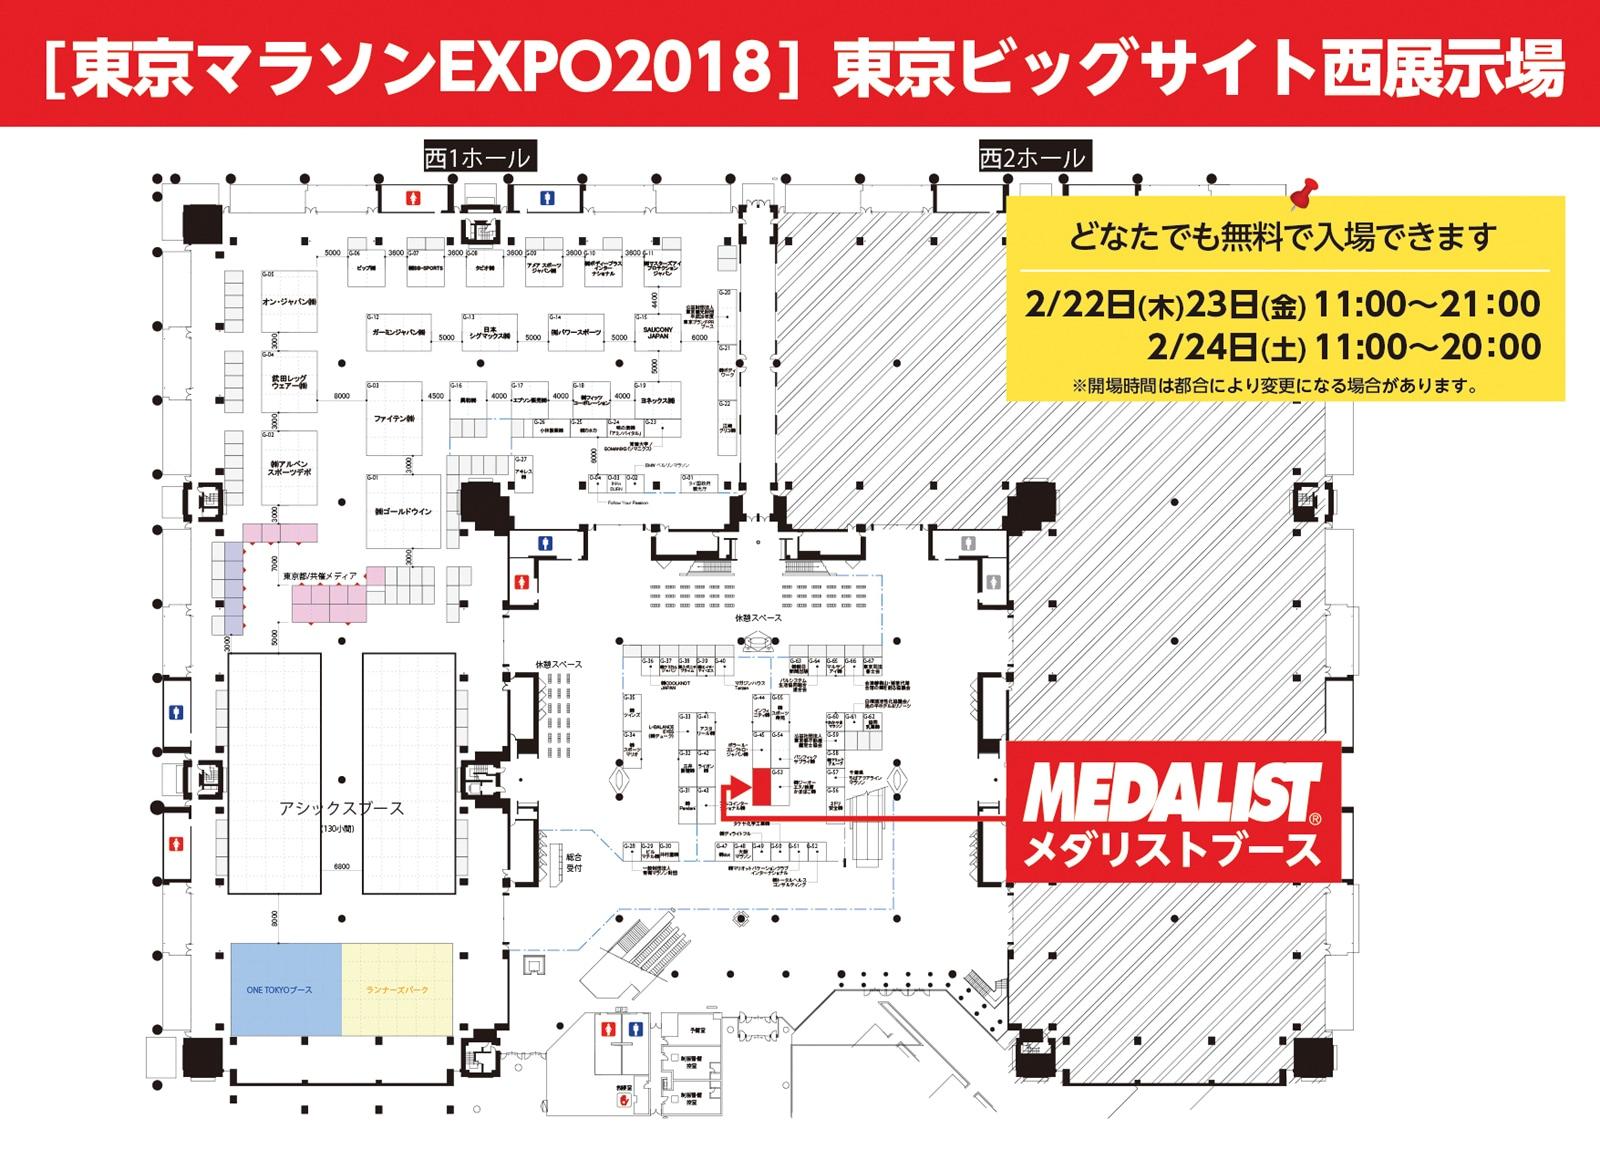 東京マラソンEXPO2018出展案内図